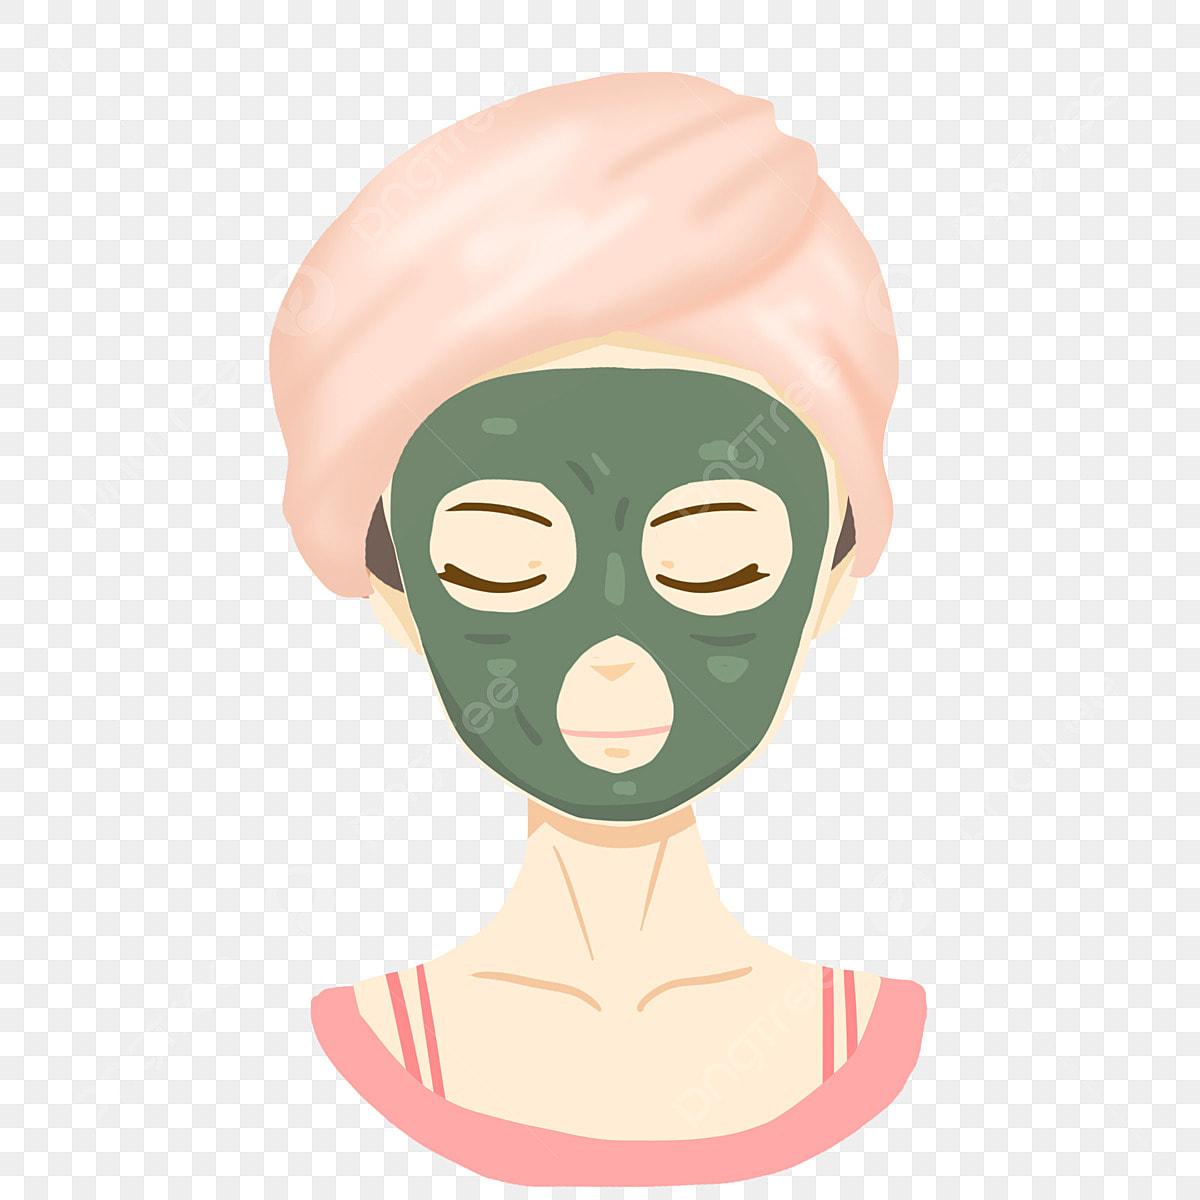 gambar masker kecantikan png vektor psd dan clipart dengan latar belakang transparan untuk download gratis pngtree https id pngtree com freepng lady s png material for beauty mask 4585042 html